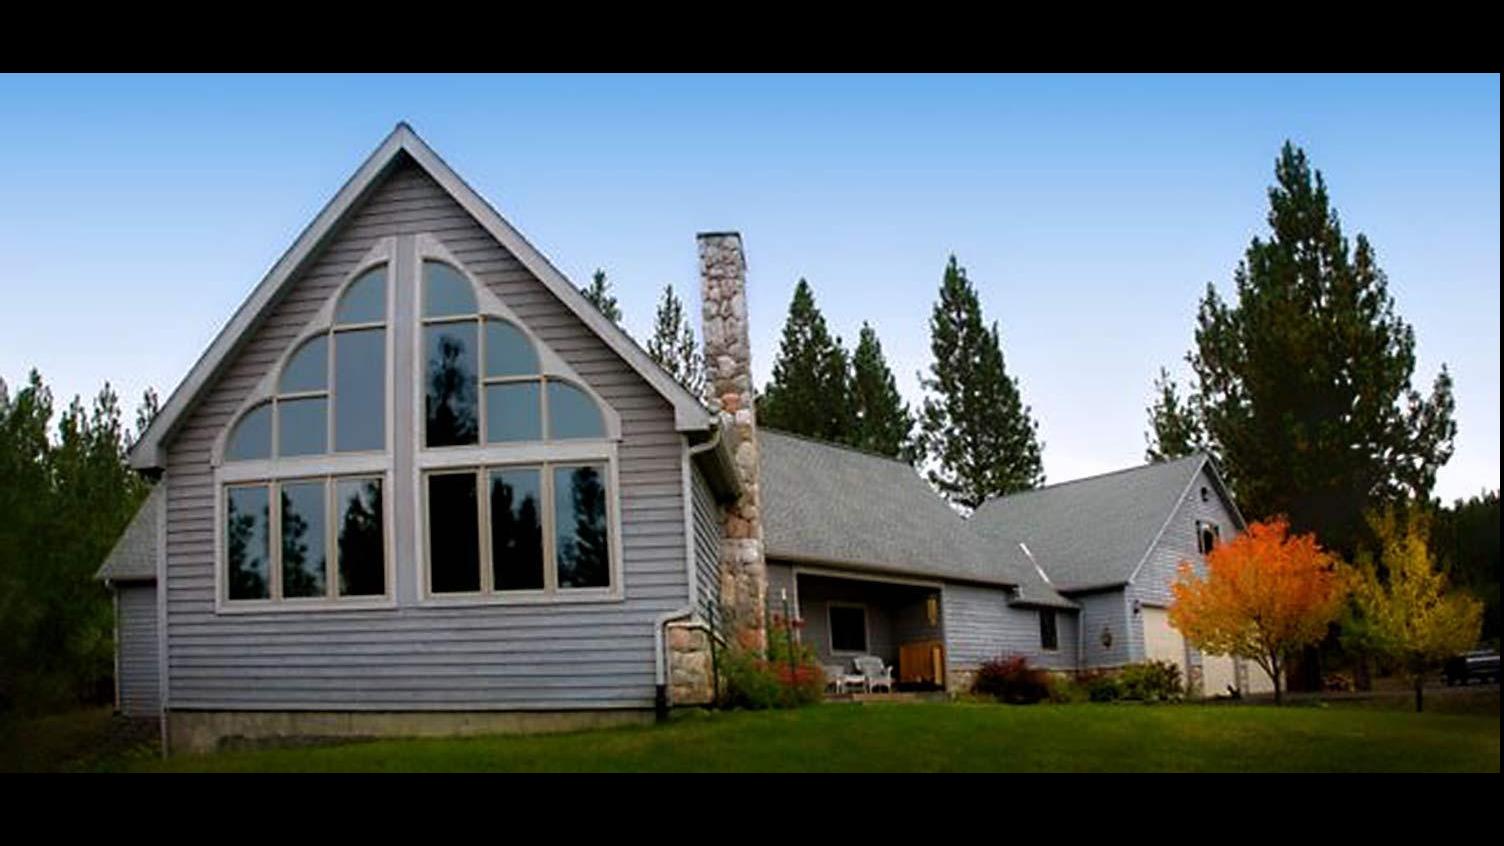 Ida-Home B&B 16374 W Riverview Dr, Post Falls